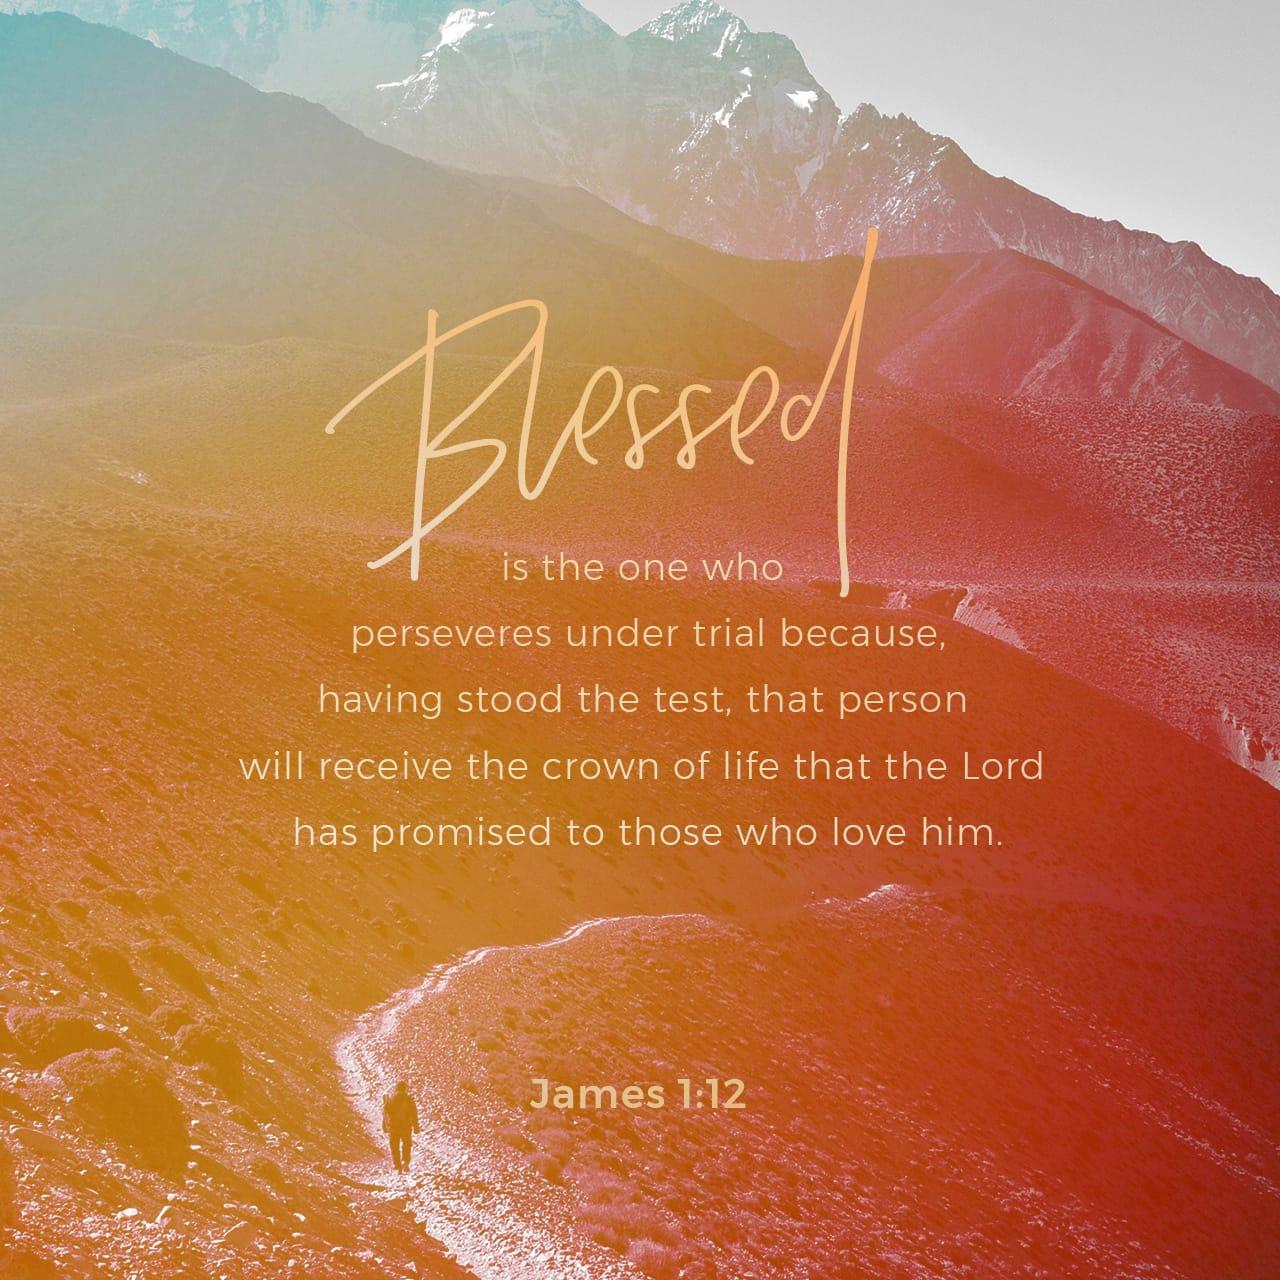 encouragement, god, and steven furtick image